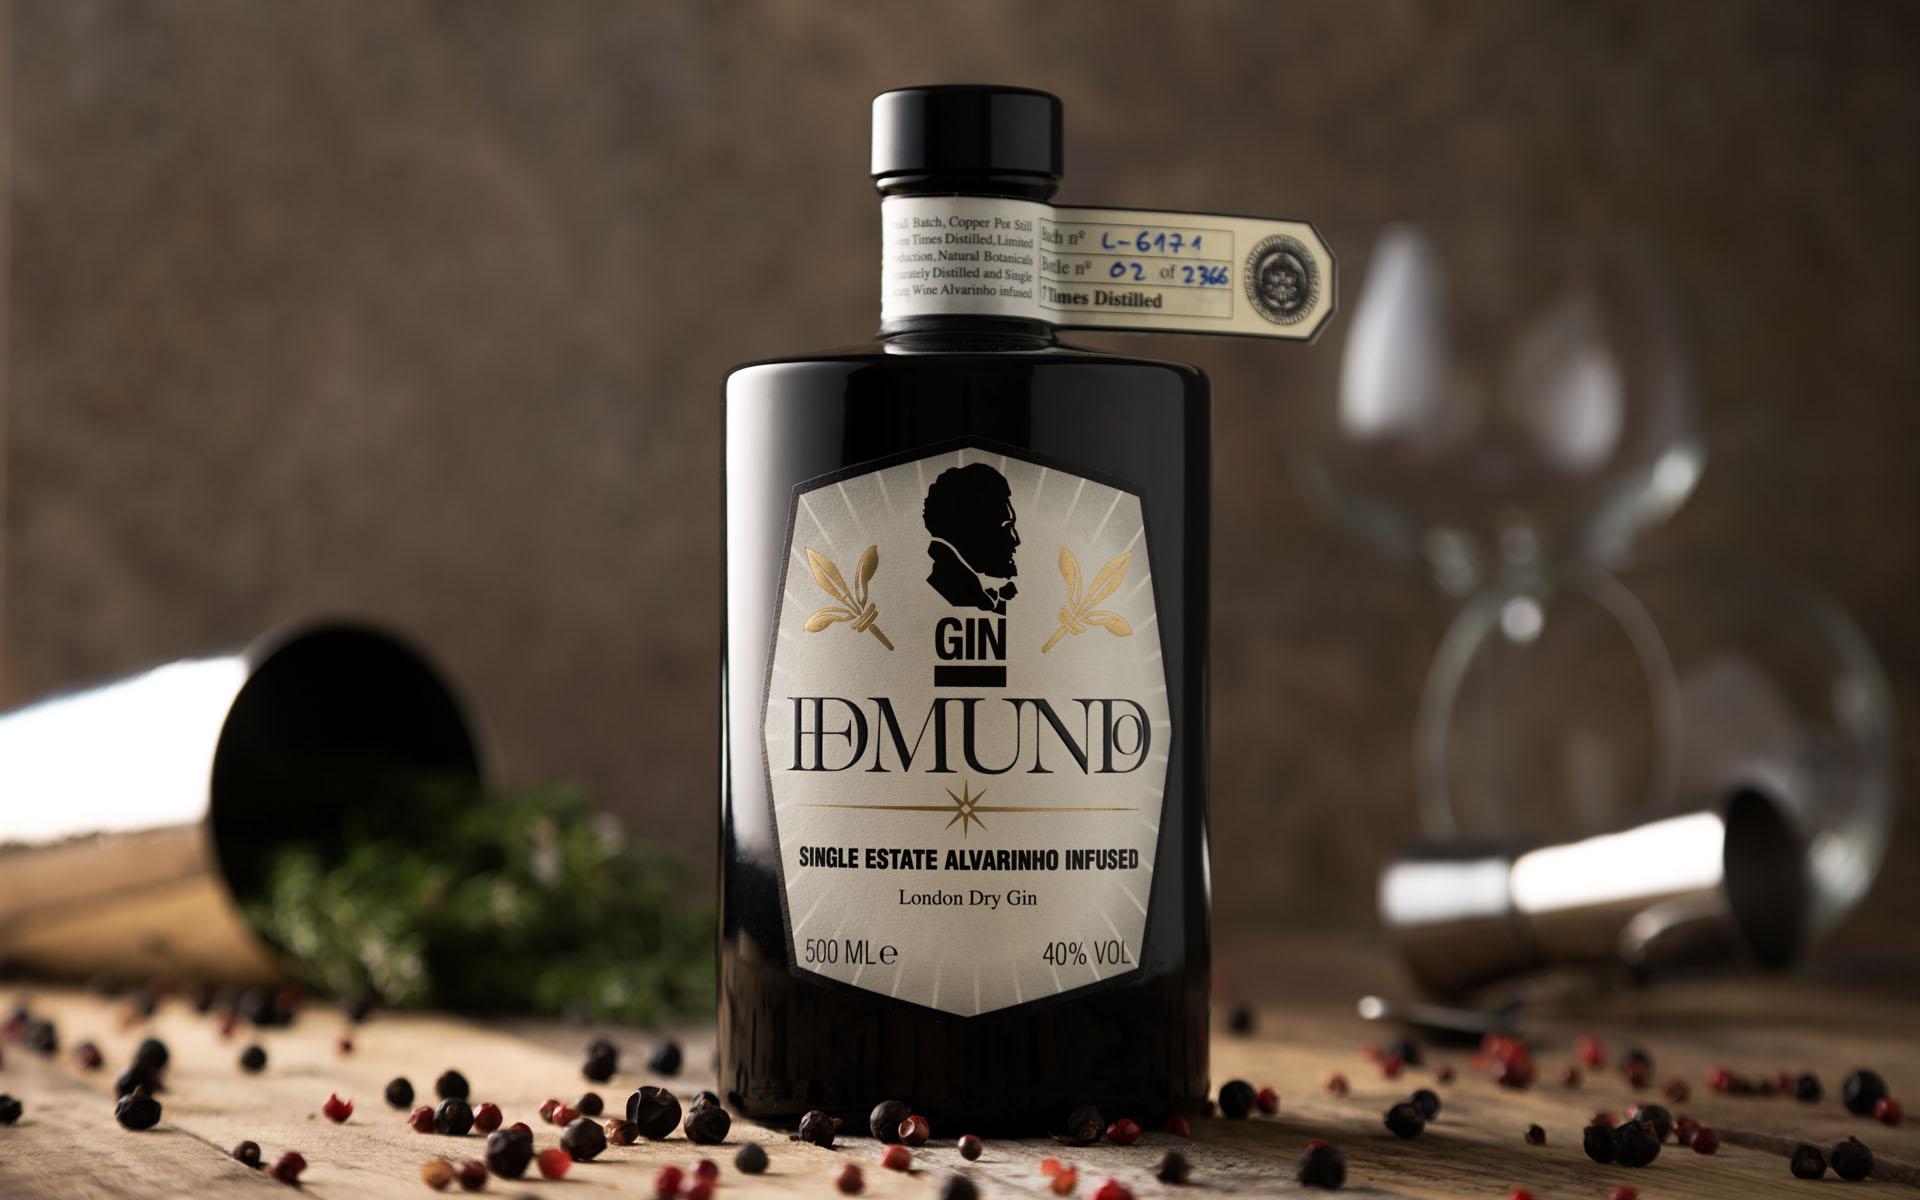 o primeiro gin elaborado com Alvarinho Reserva